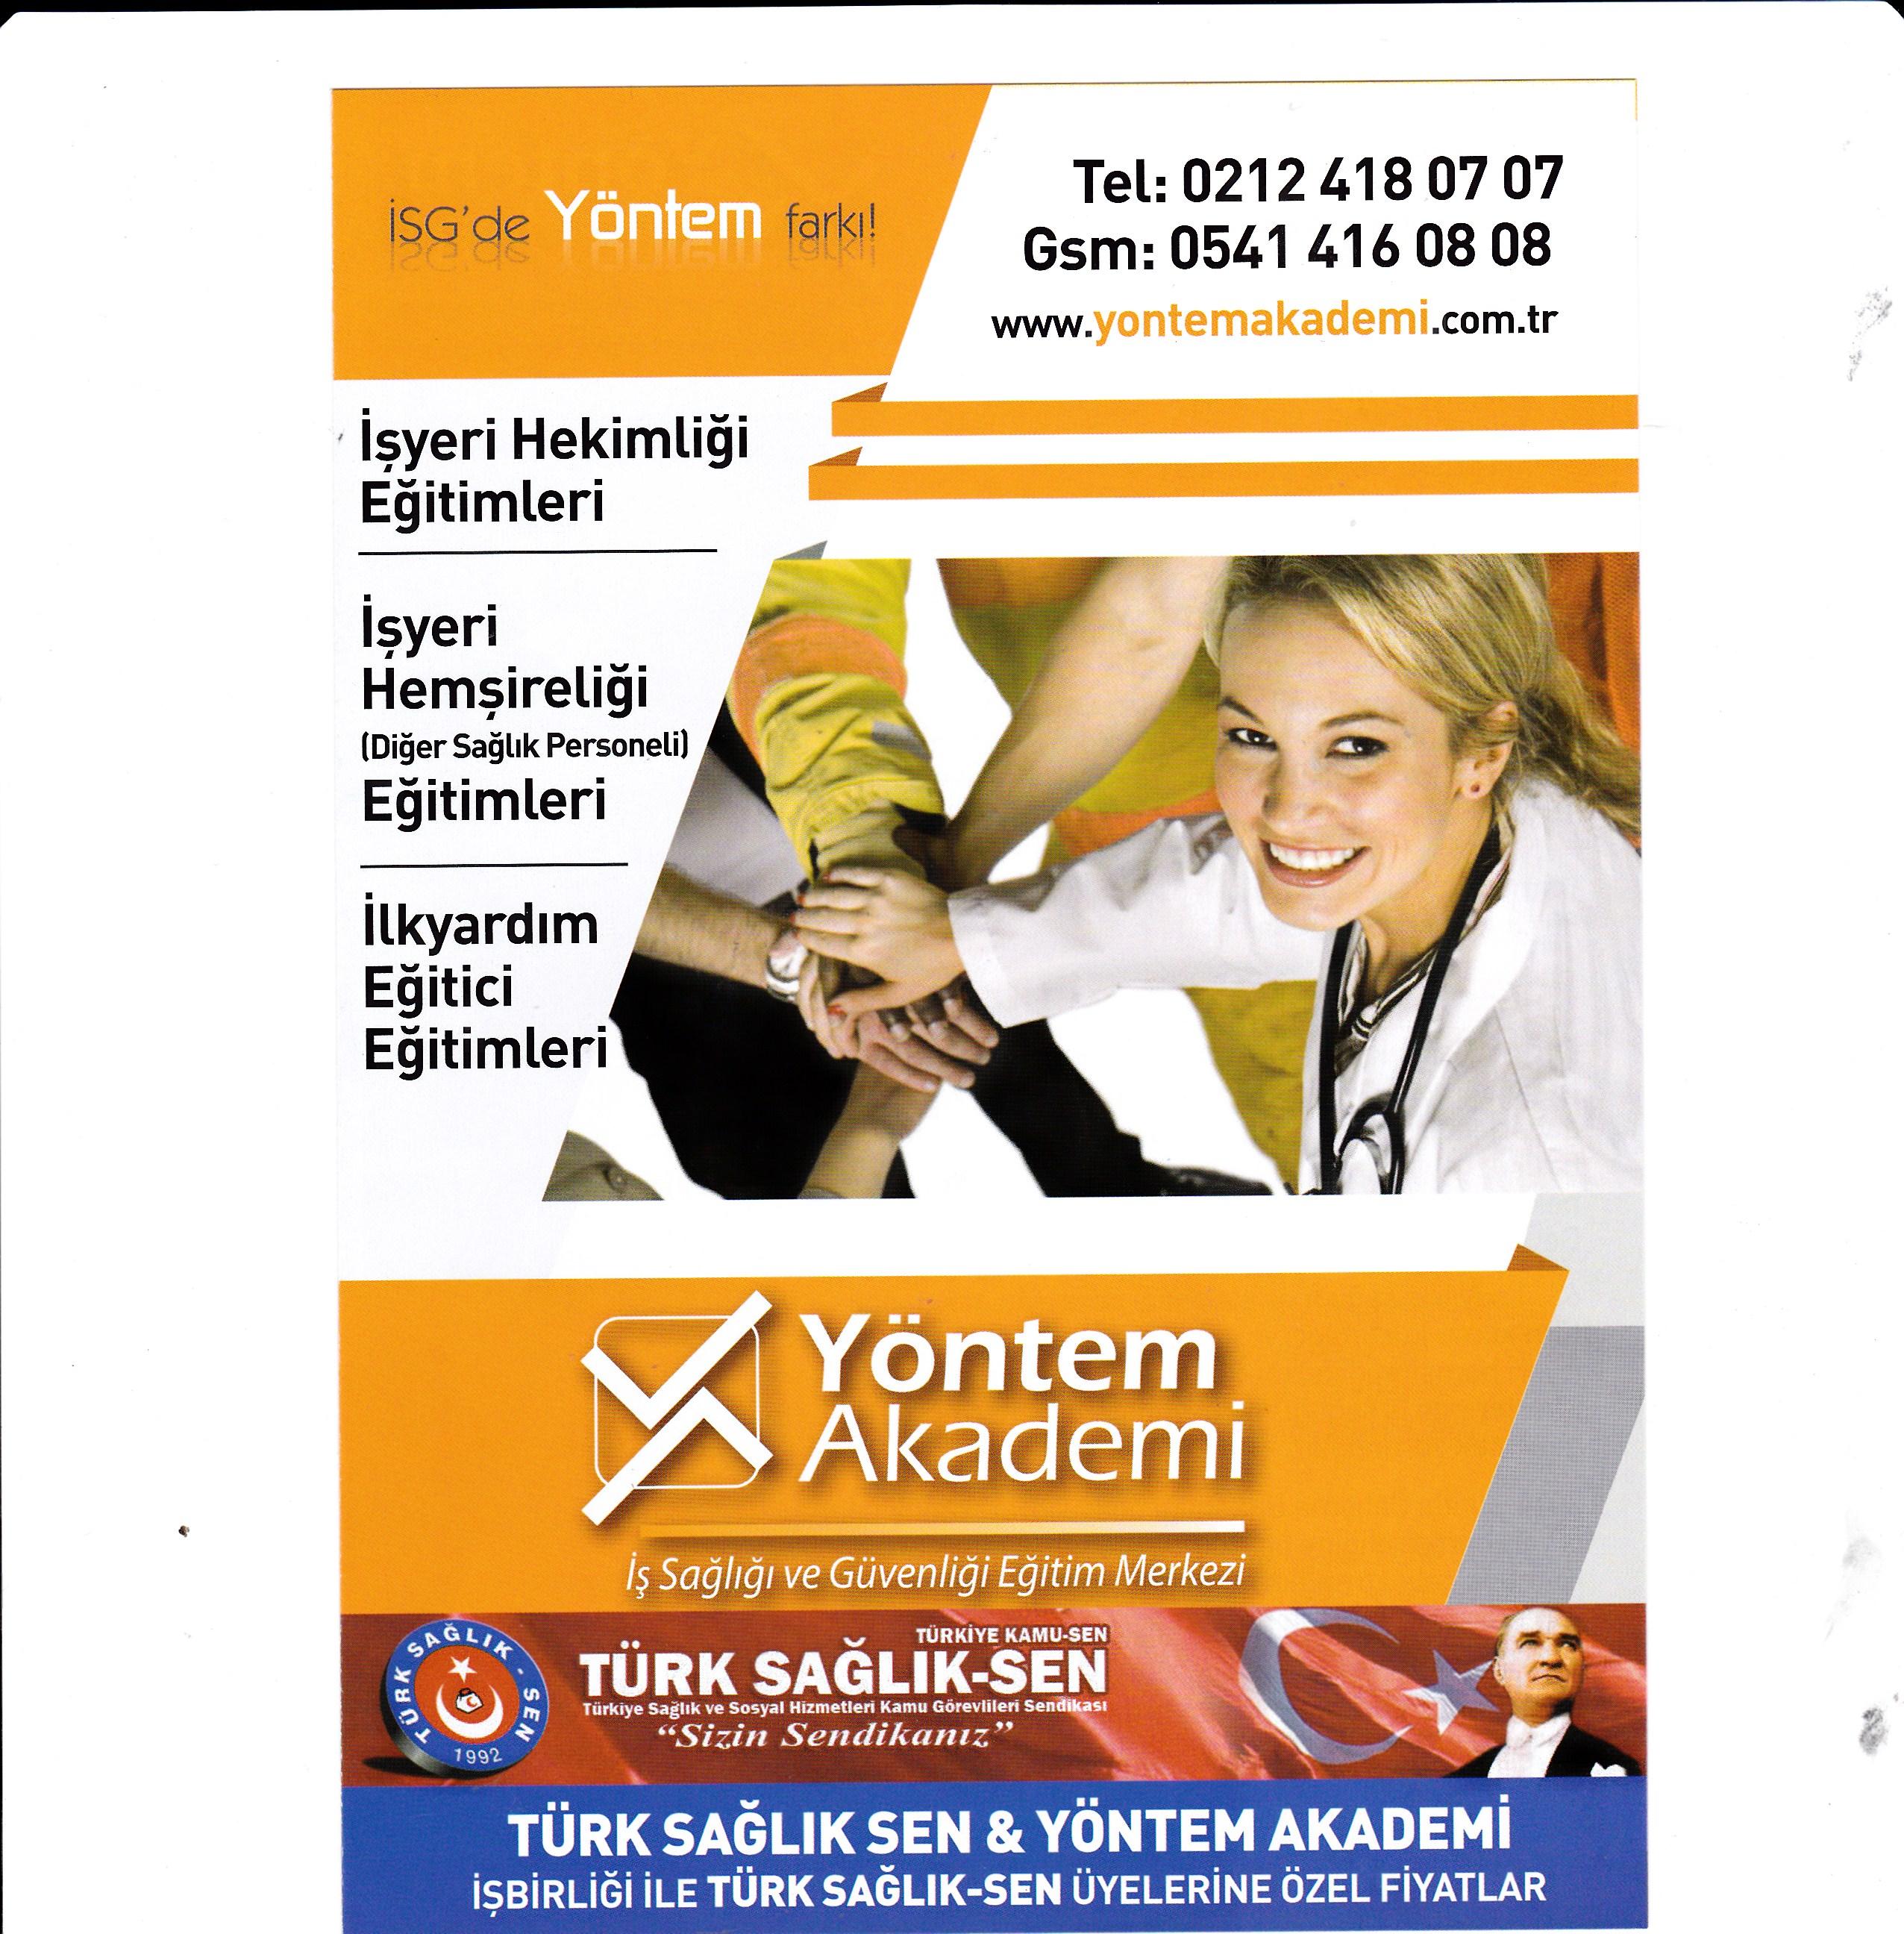 Türk Sağlık-Sen ile Yöntem Akademi Arasında Protokol İmzalanmıştır.